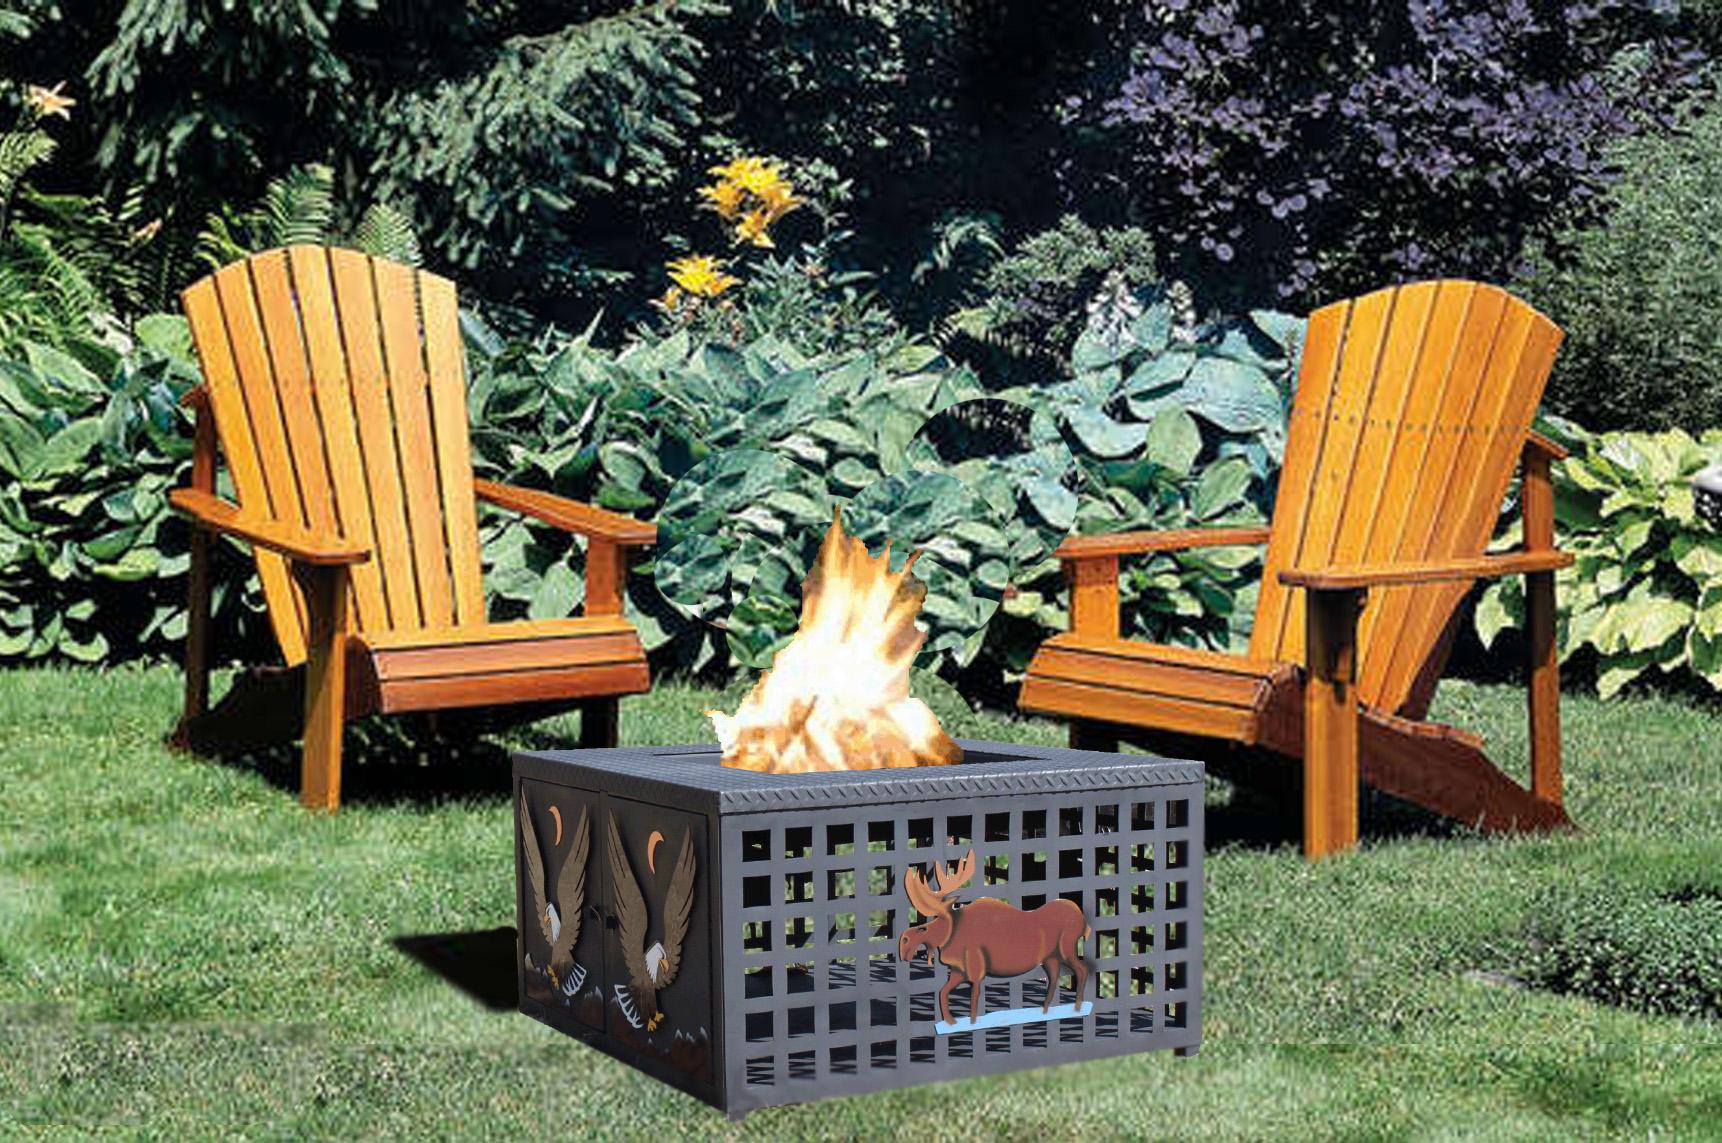 https://0901.nccdn.net/4_2/000/000/064/d40/Adirondack-Chair-final--2----Copy.jpg